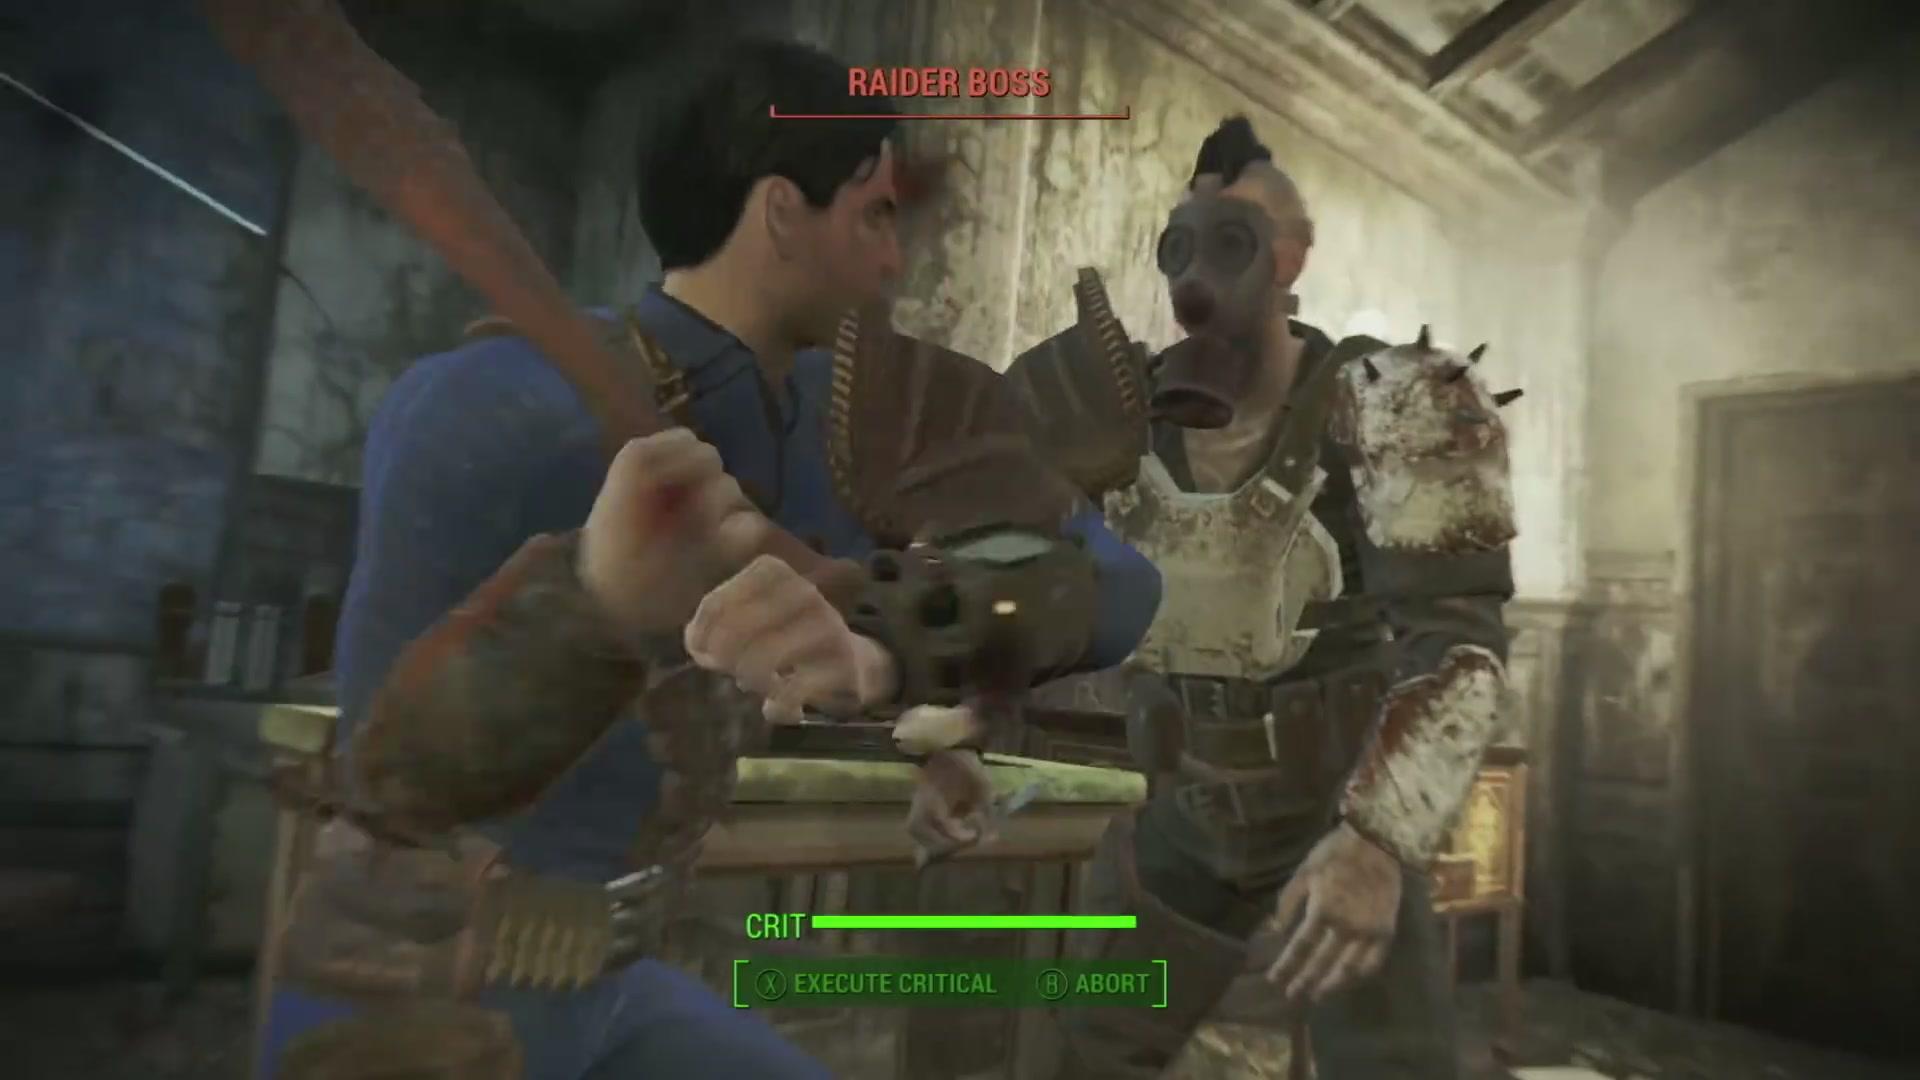 fallout_4_raider_boss